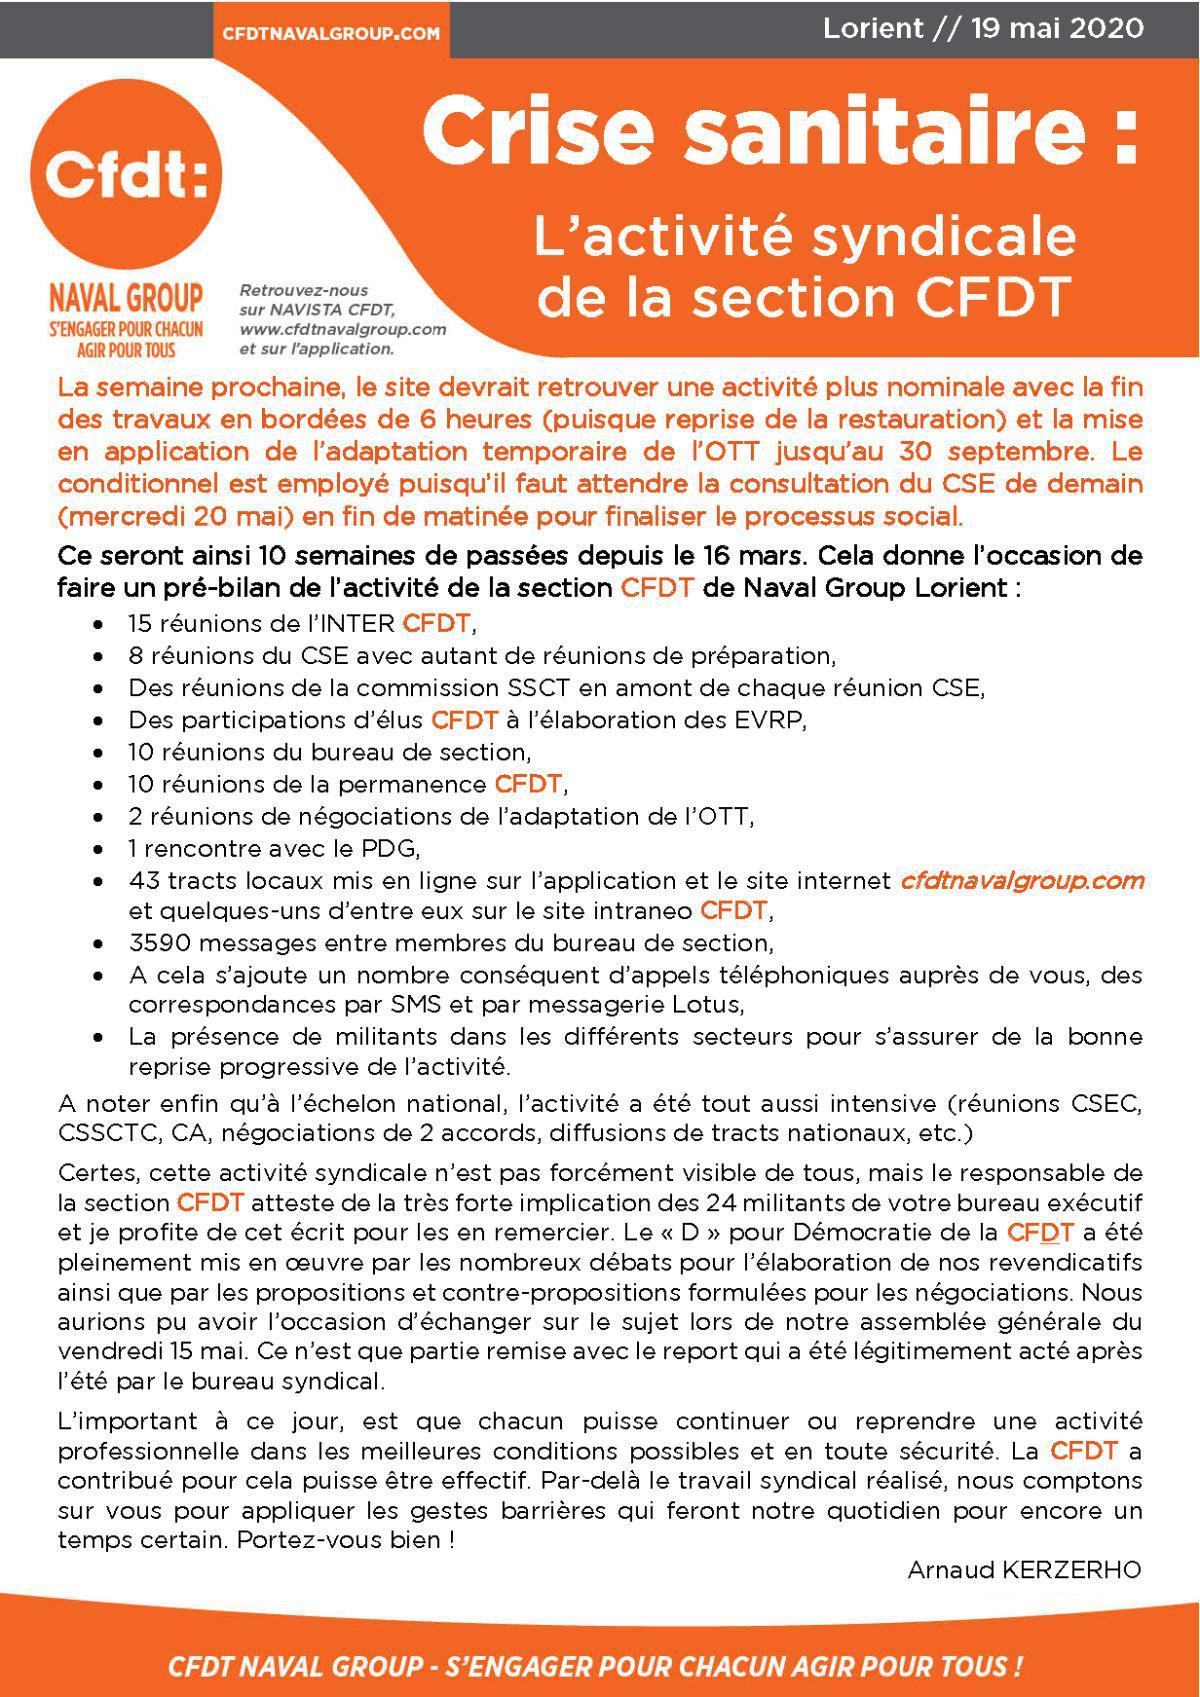 Crise sanitaire : activité de la section CFDT